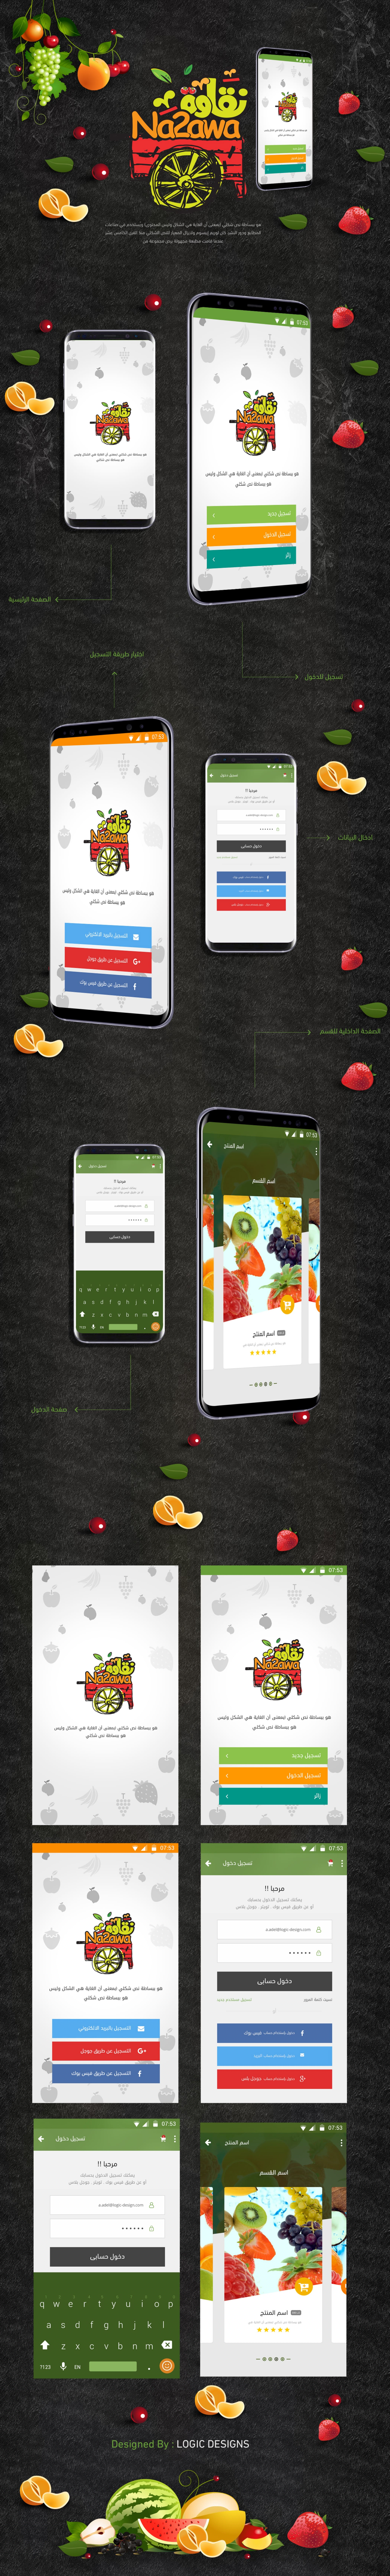 mobile apps egypt